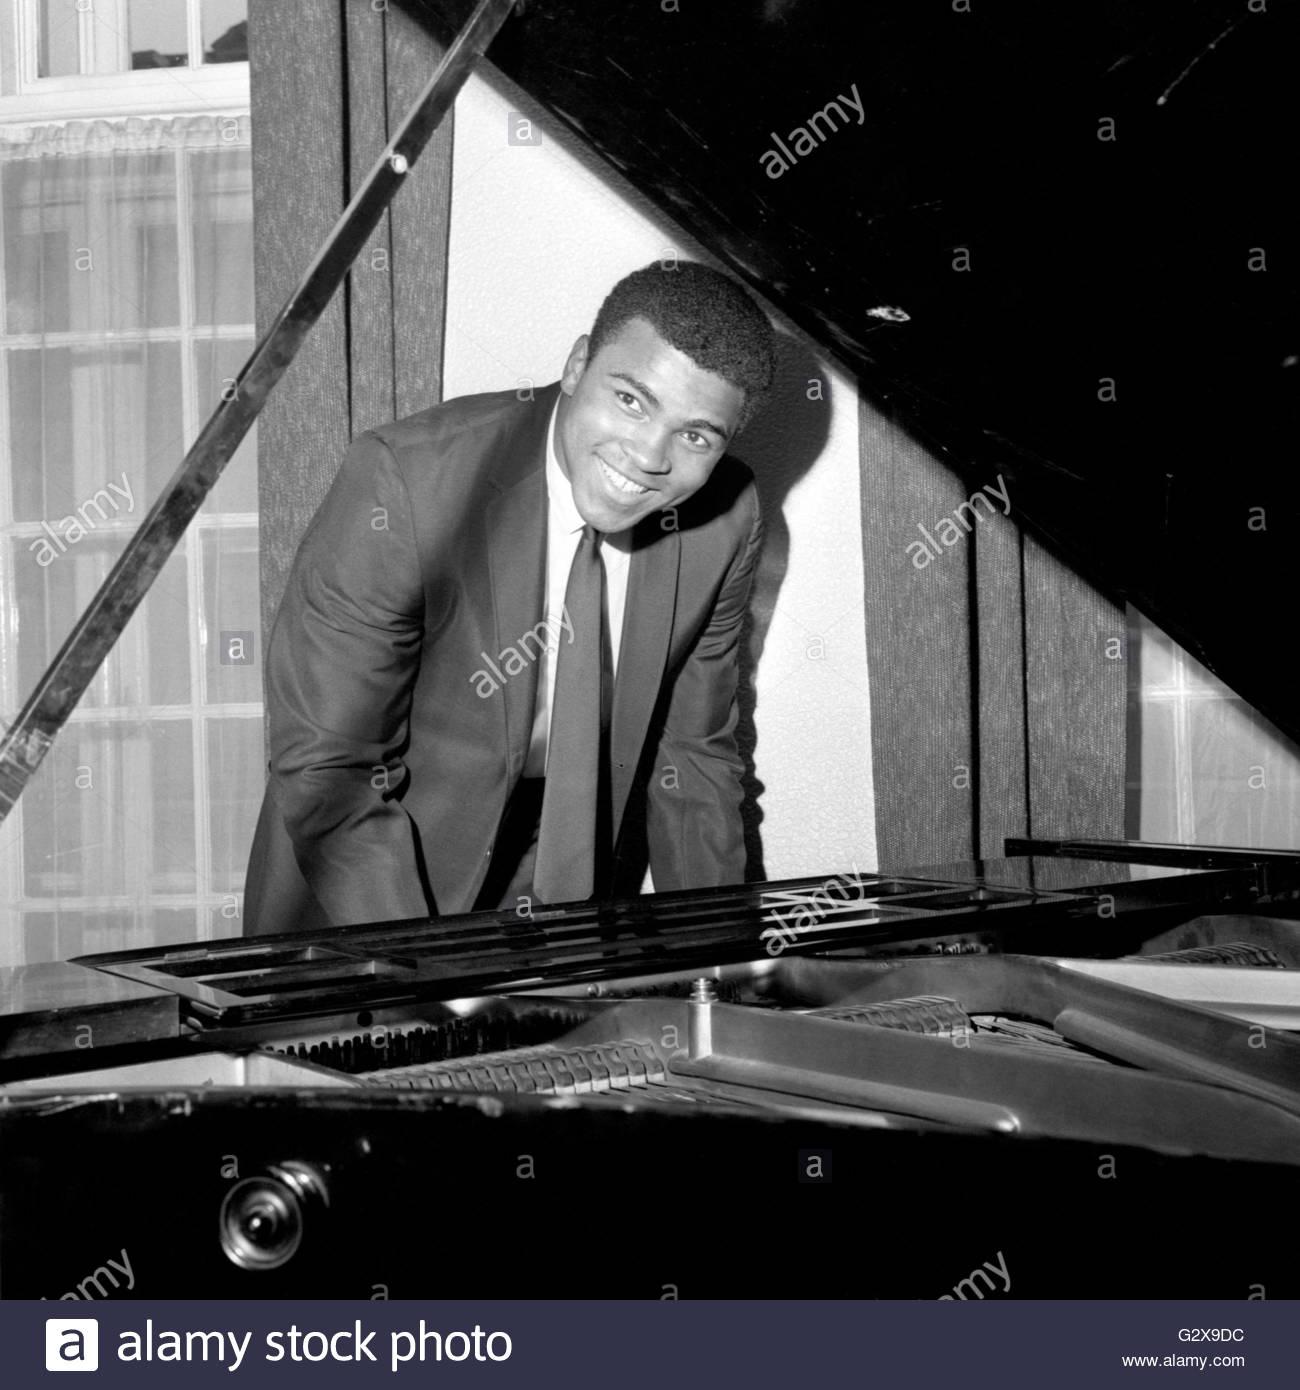 Datei Foto datiert 22.05.66 von Boxlegende Muhammad Ali, lächelnd ...